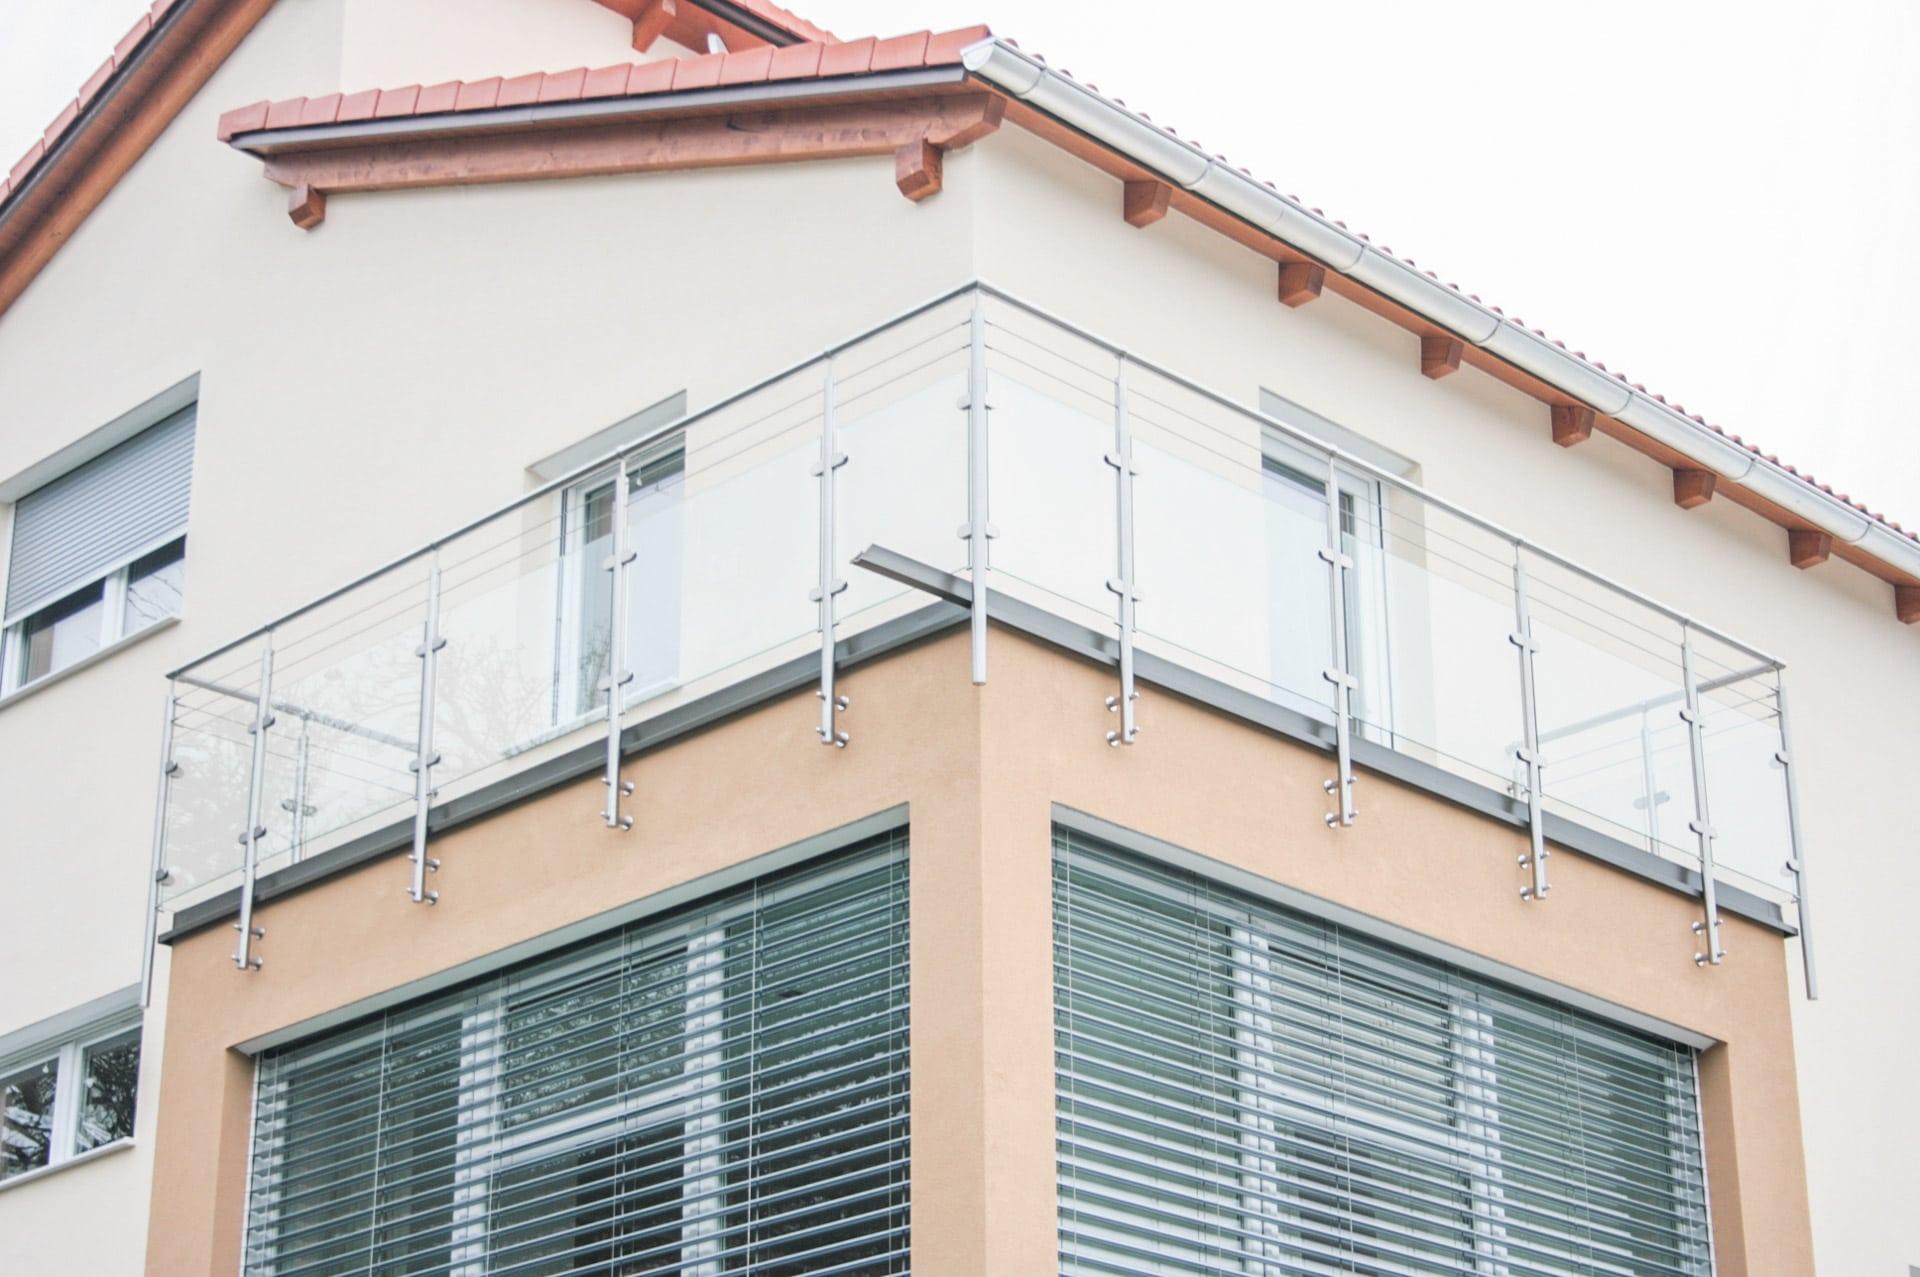 Bremen 08 a | Edelstahl-Klarglas-Balkon, 2 Niro-Seile, stirnseitig auf Hausmauer montiert | Svoboda